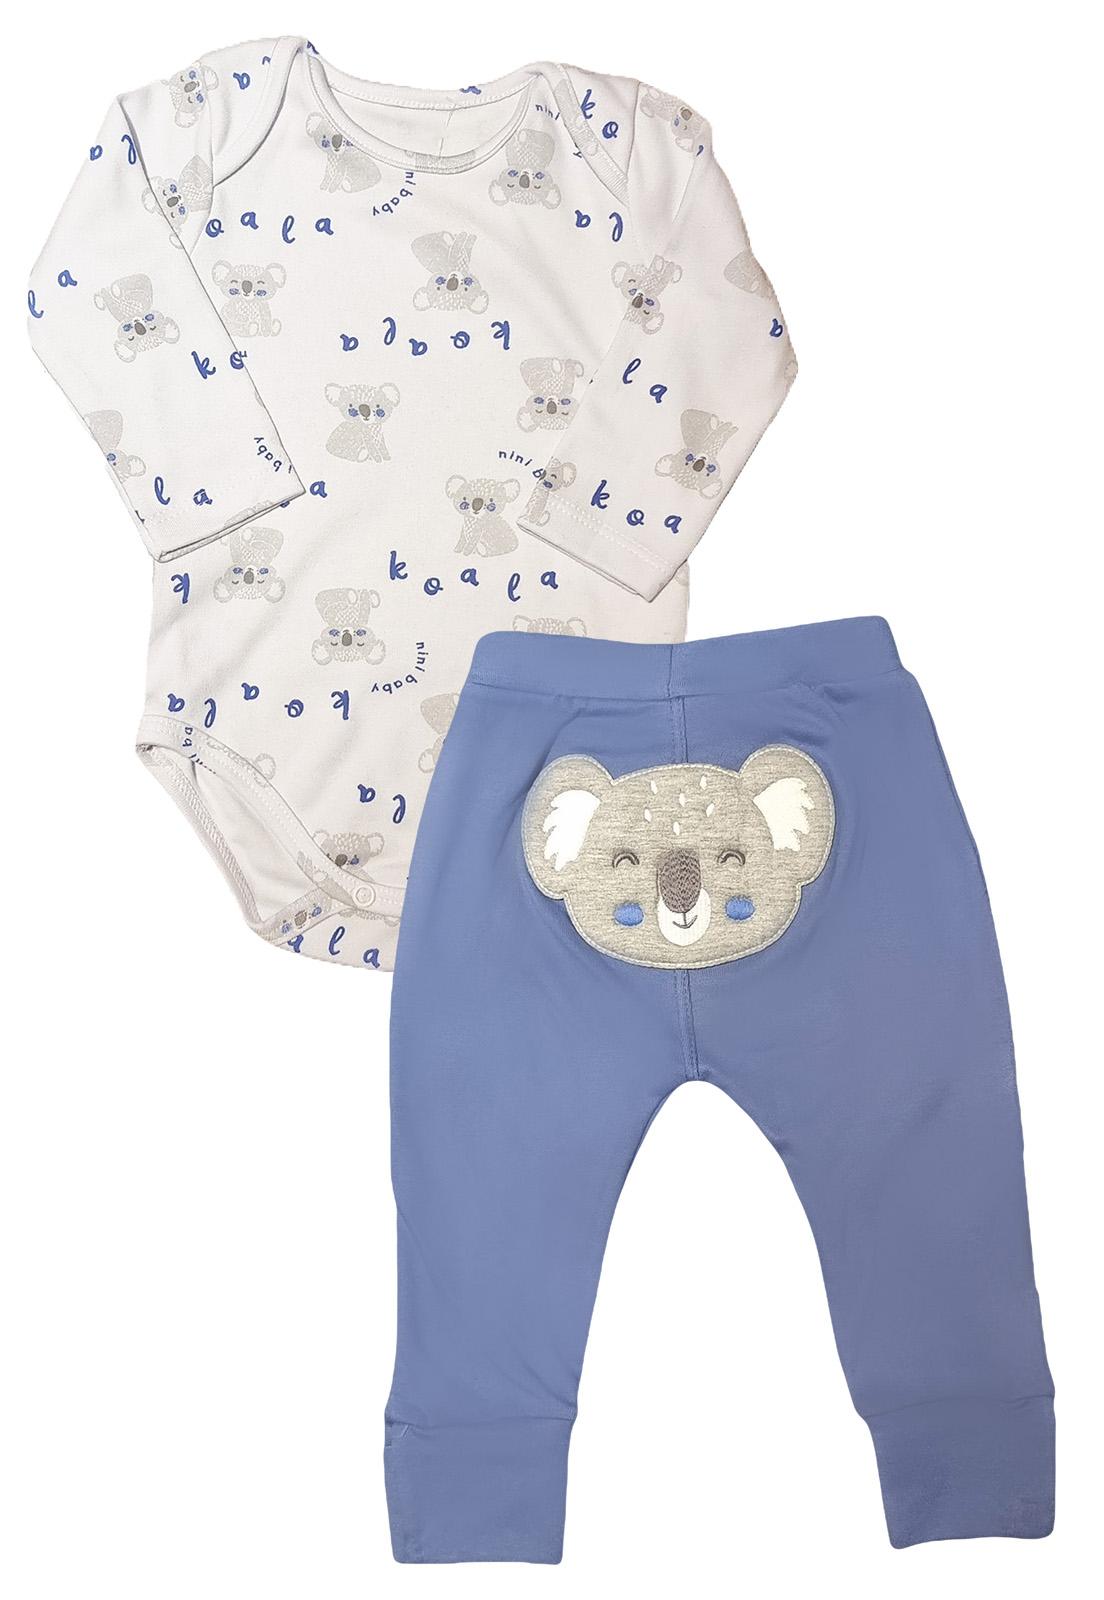 Conjunto Bebê Body e Calça  Nini & Bambini Coala Branco e Azul